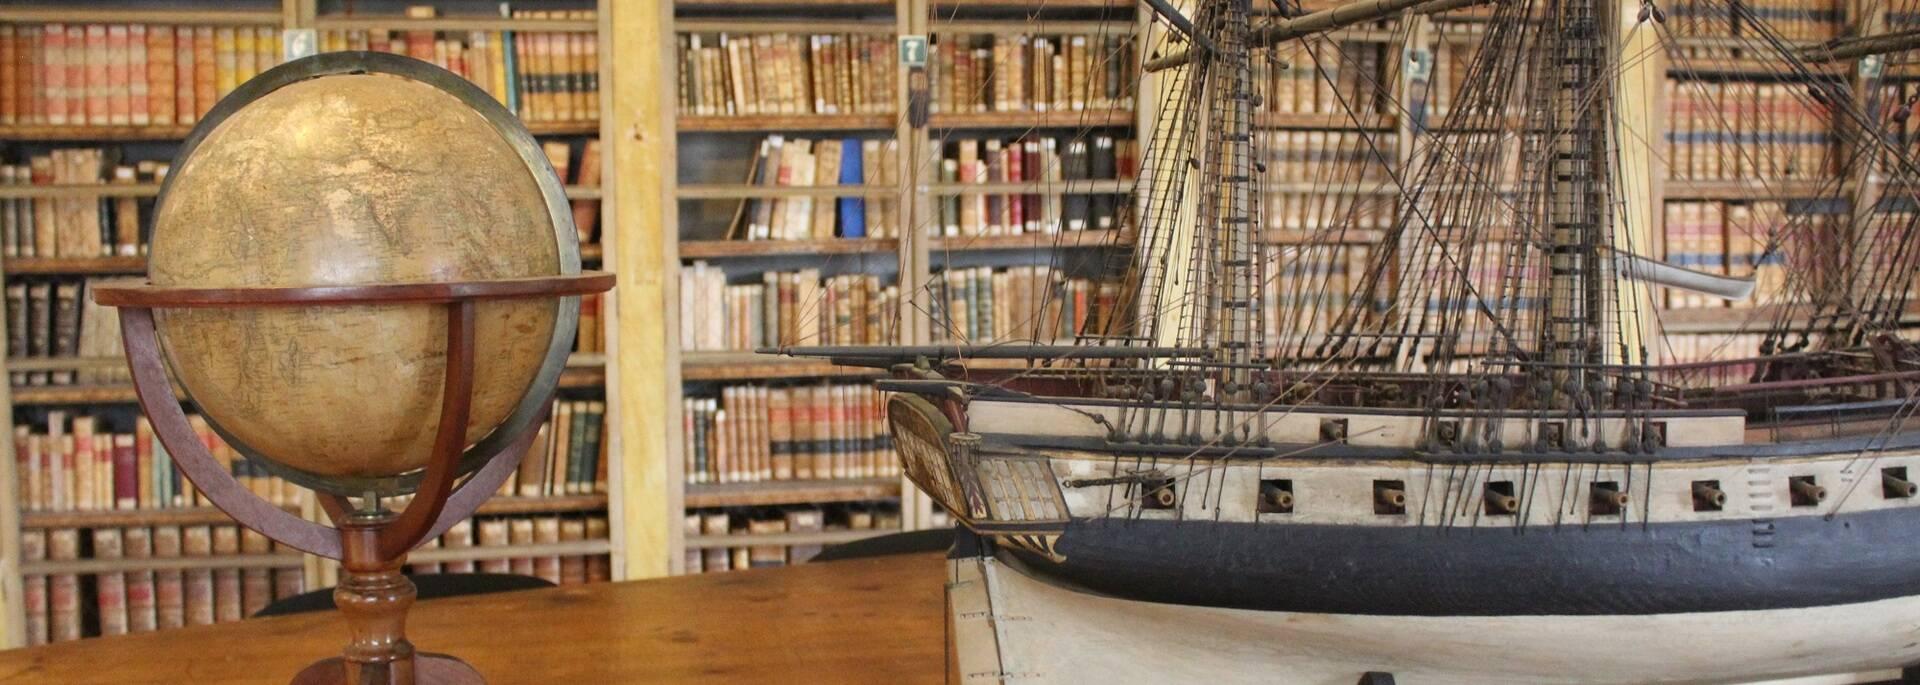 Bibliothèque de l'école de médecine navale - ©P.Migaud / FDHPA 17